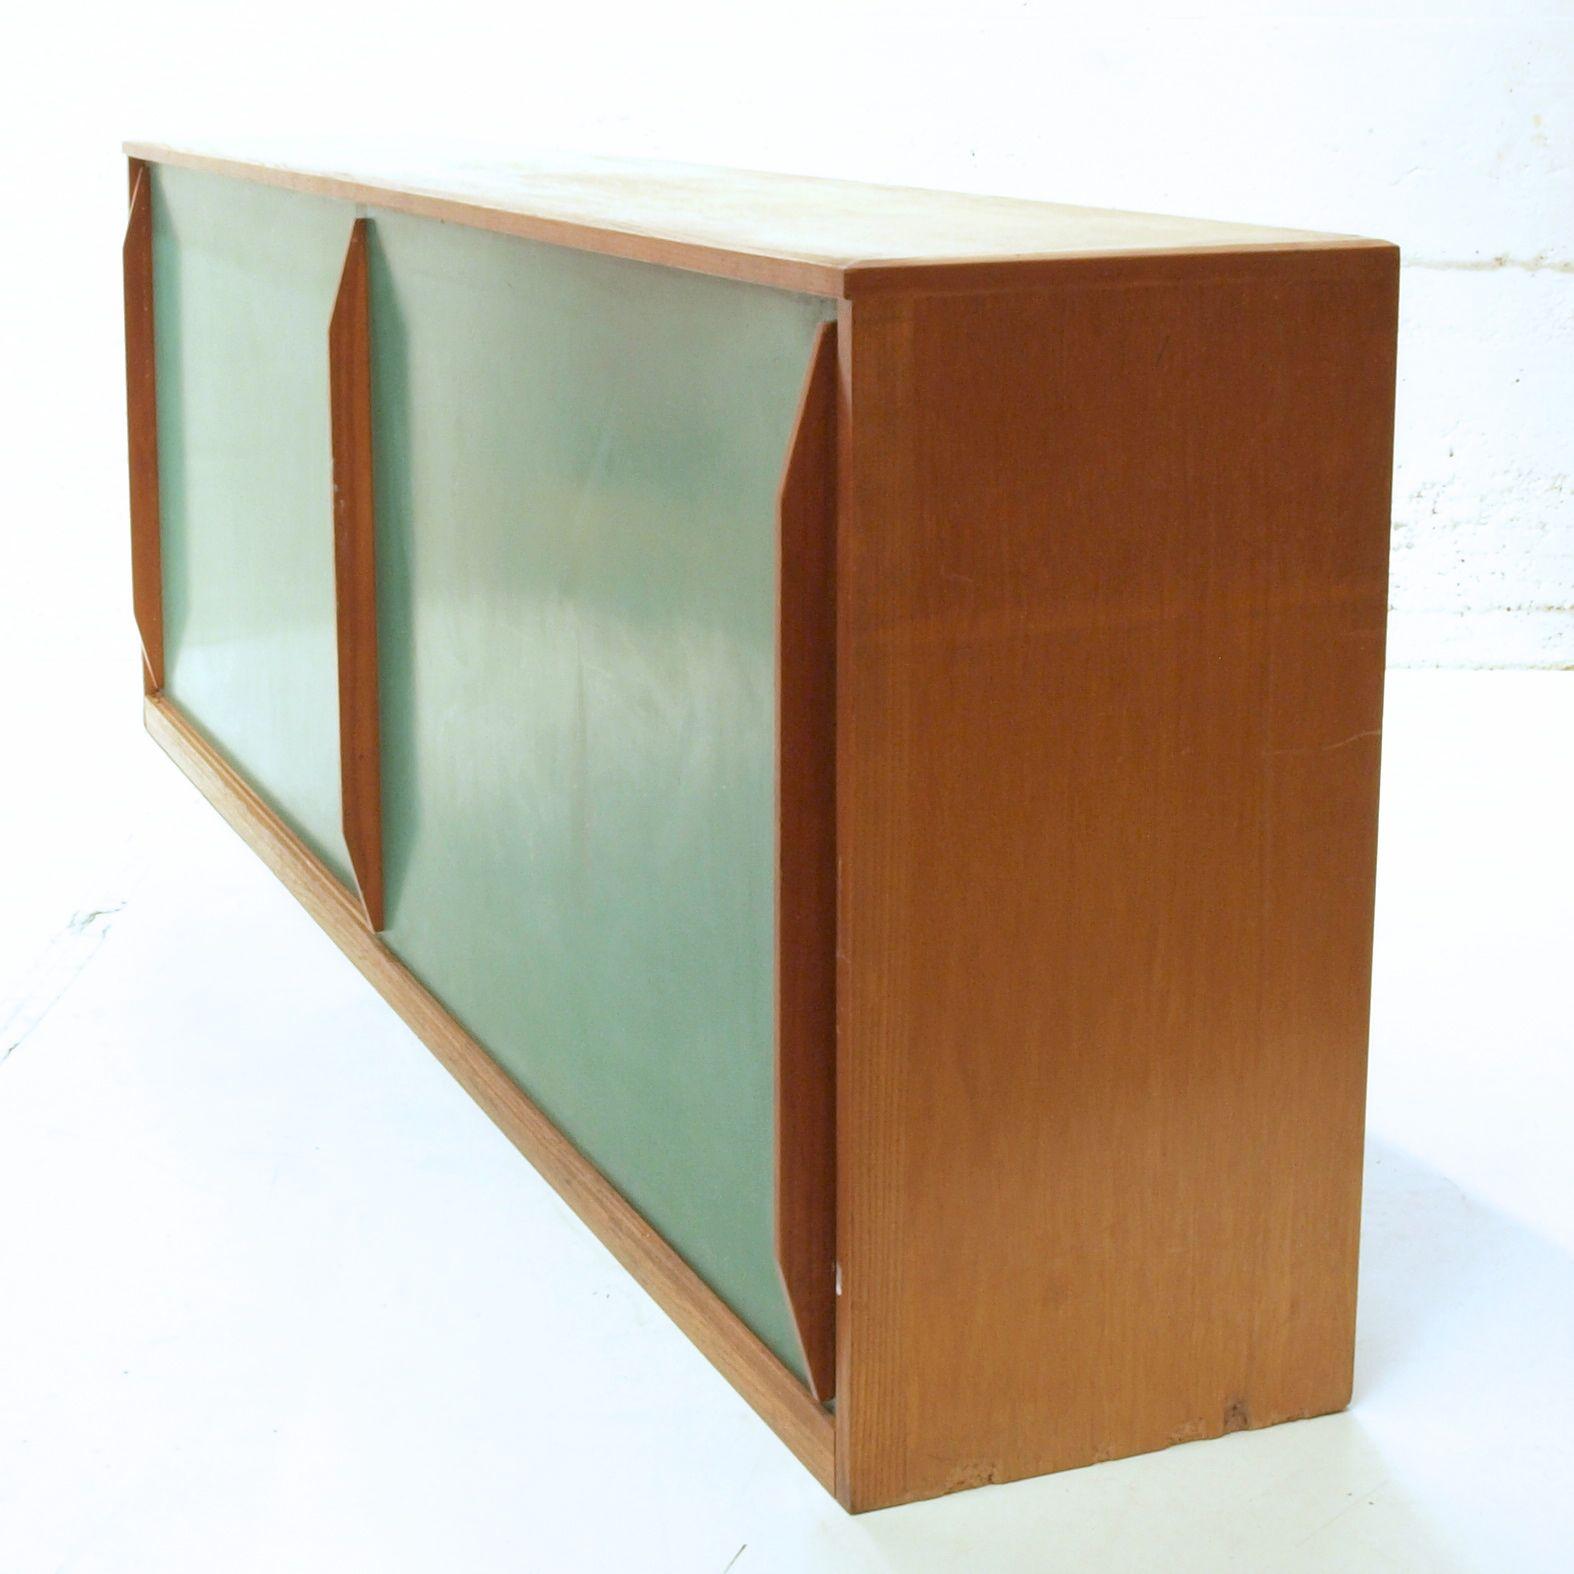 langes schiebeschrank sideboard jetzt in blau frisch restauriert m bel z rich vintagem bel. Black Bedroom Furniture Sets. Home Design Ideas